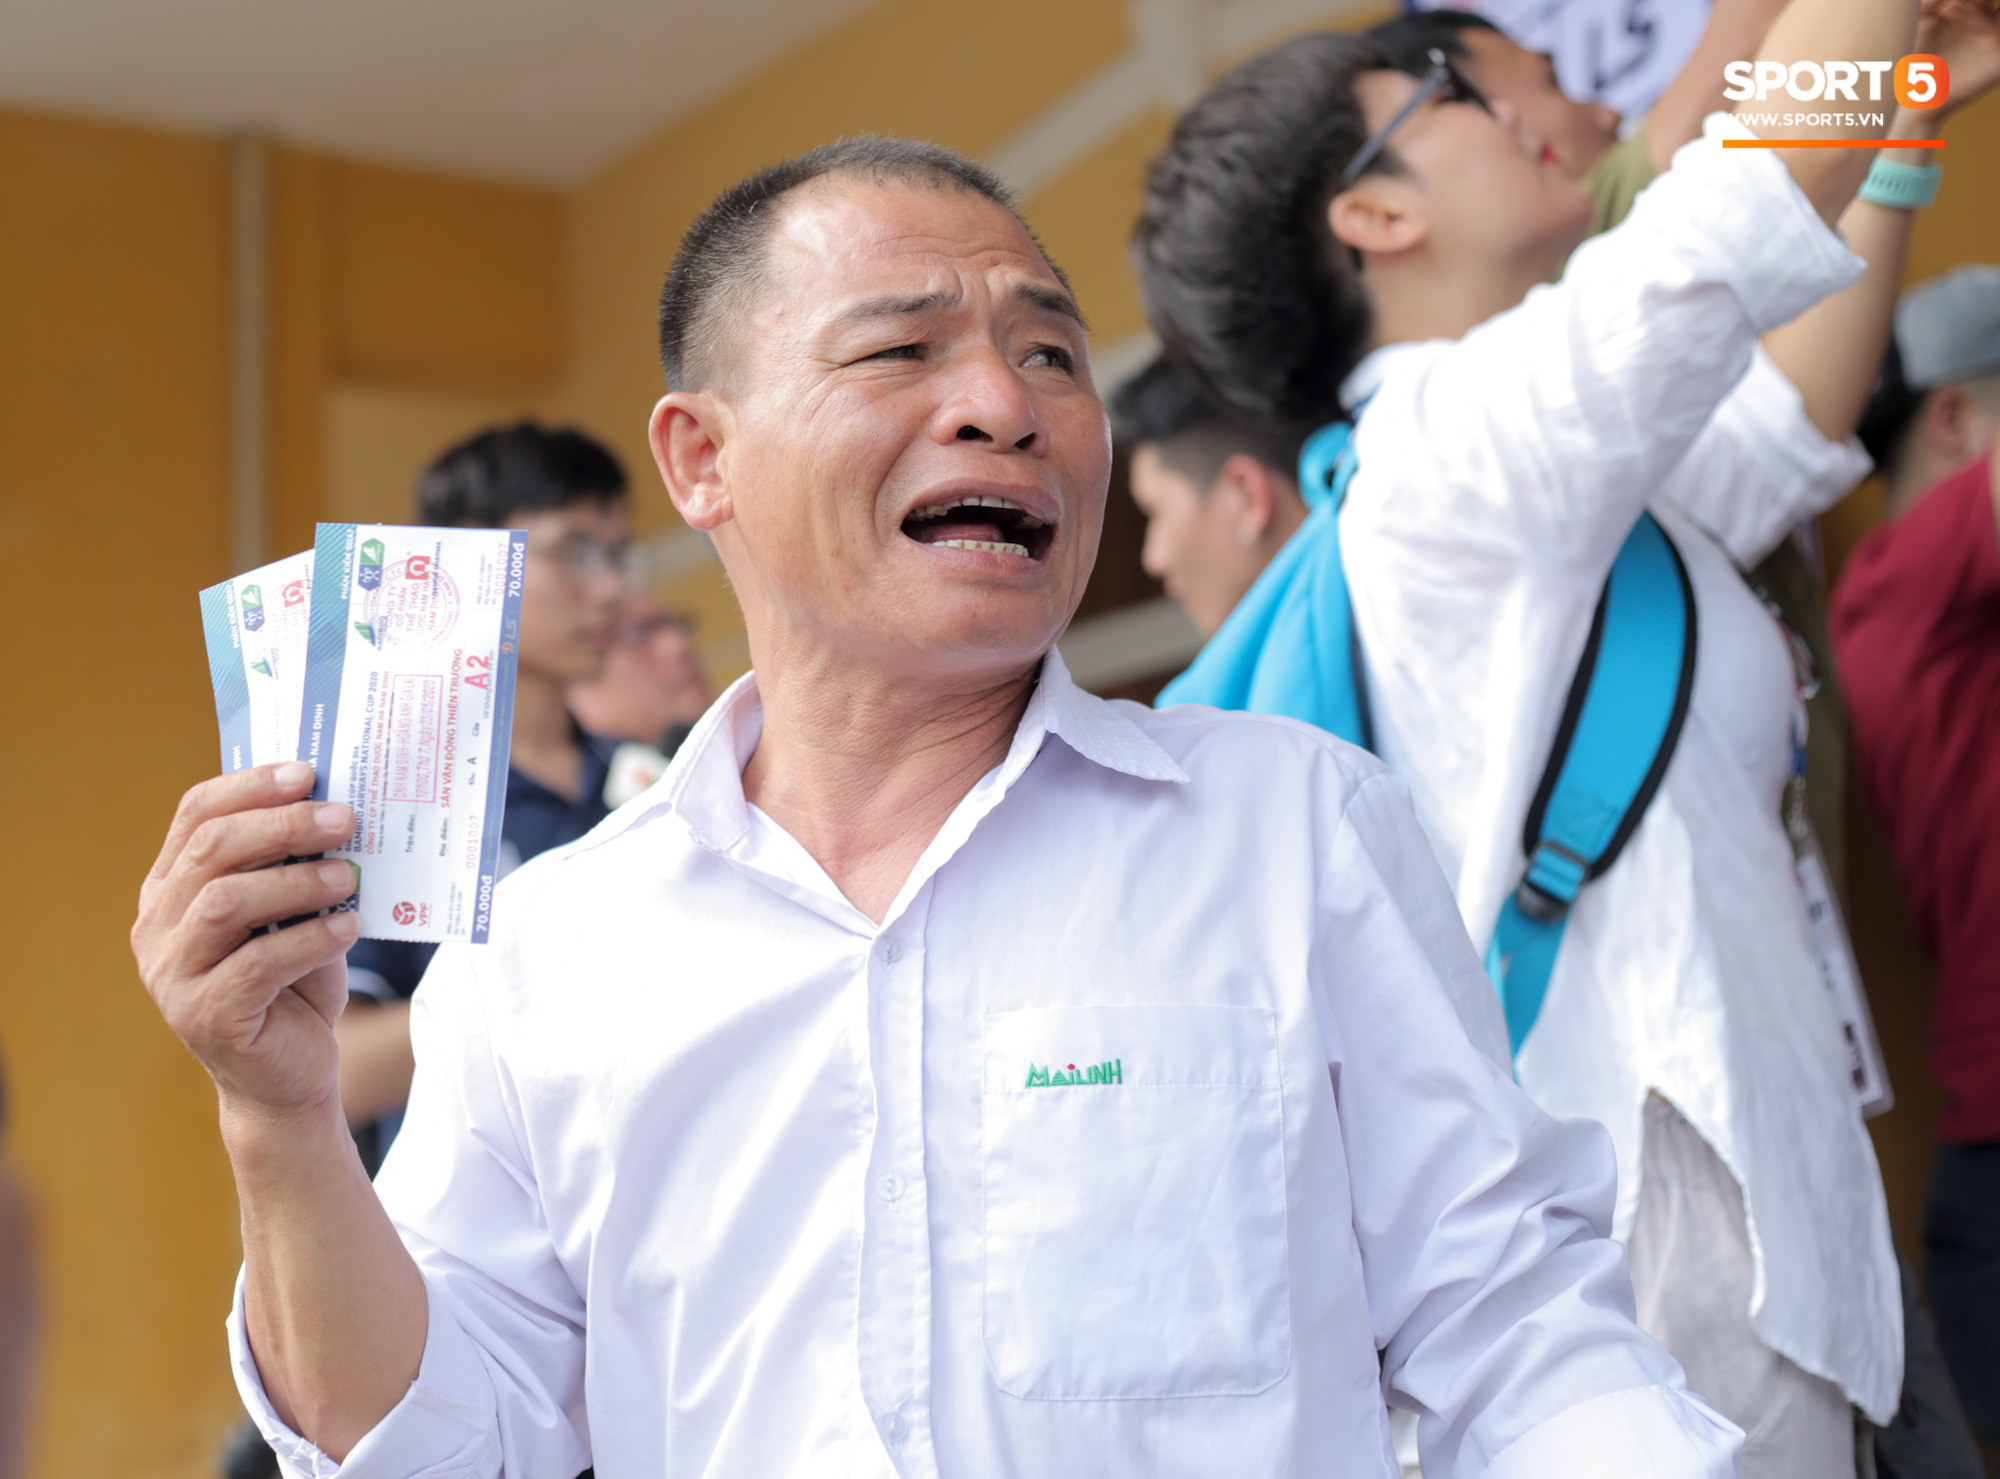 Chen nhau nghẹt thở mua vé xem bóng đá ở Nam Định, dân phe Hà Nội cũng đổ về thu gom - Ảnh 12.